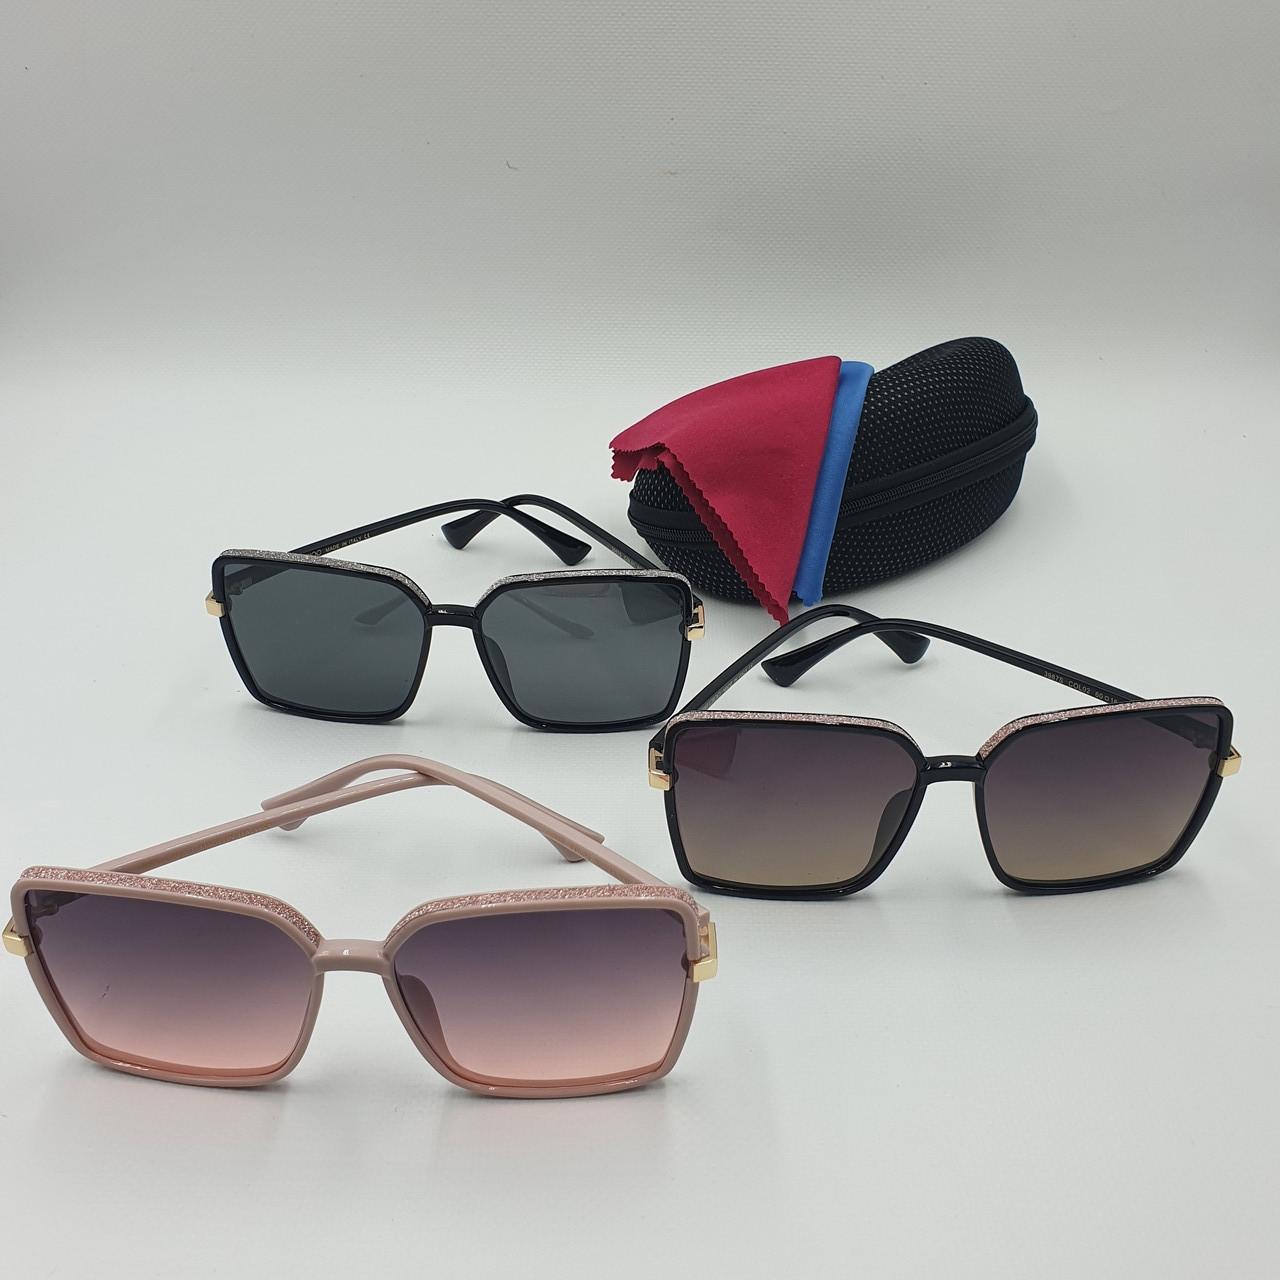 Солнцезащитные очки женские JC3987S  Квадратные 3 цвета